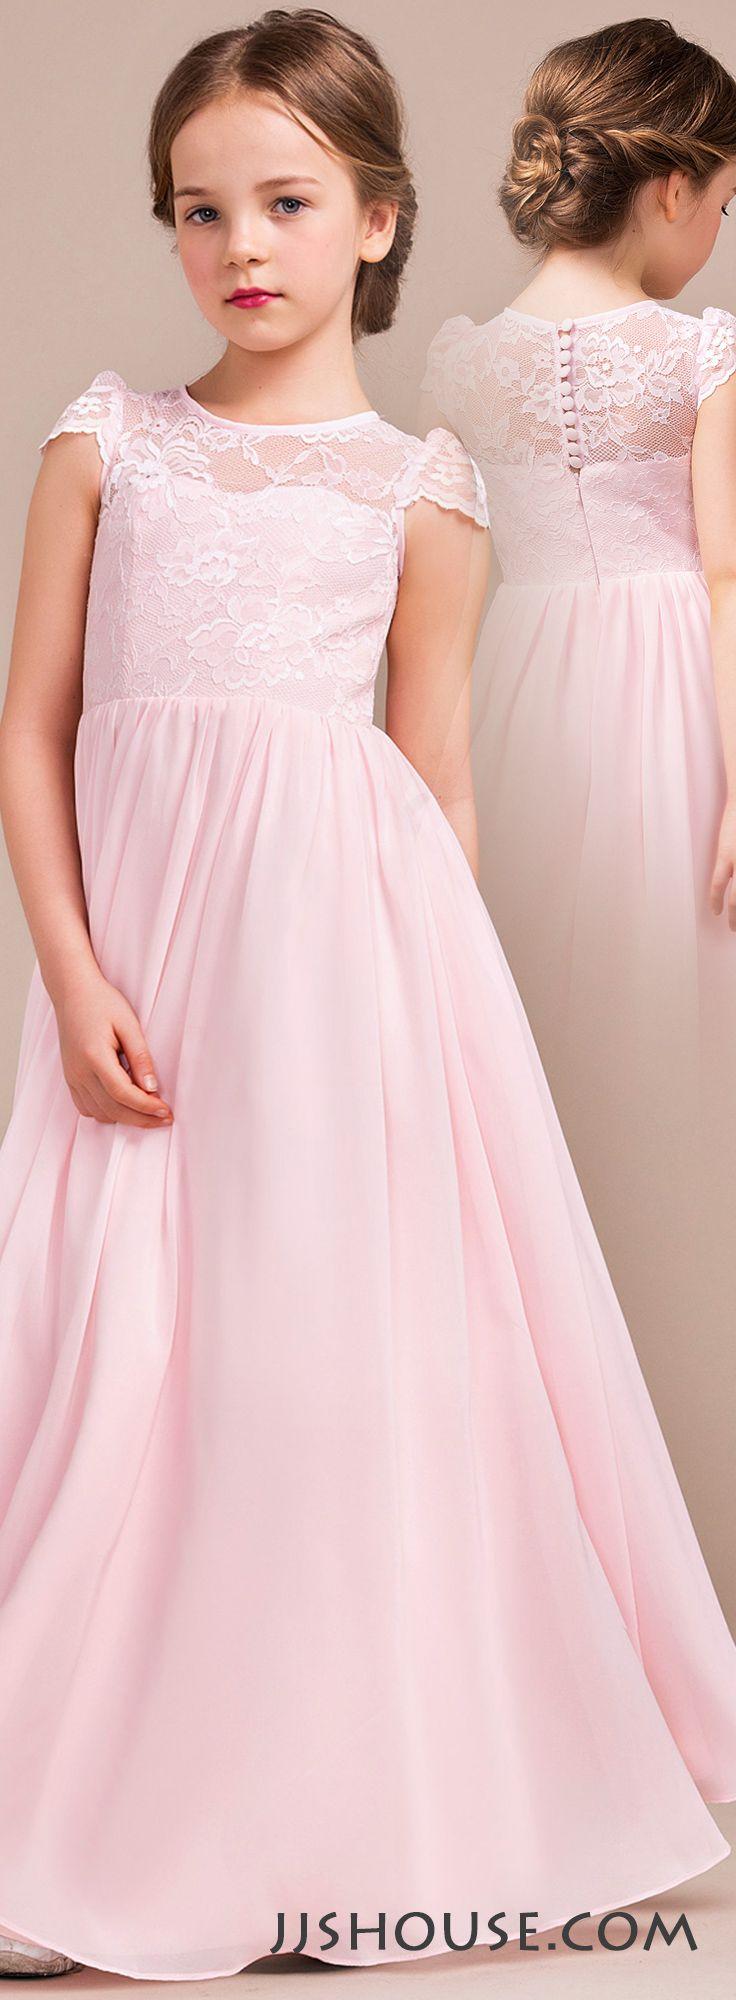 wedding dresses for junior bridesmaid photo - 1